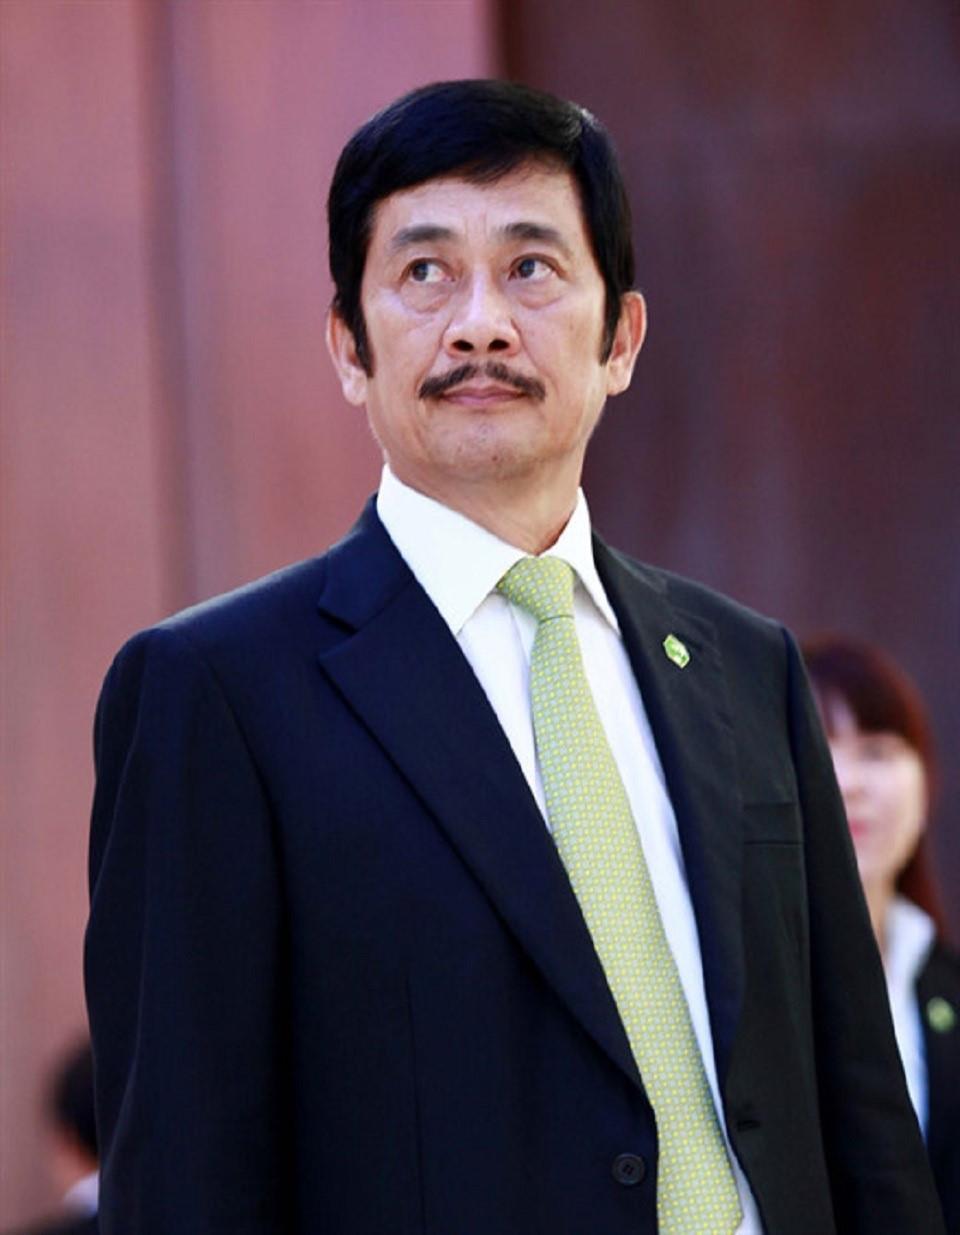 Ông Bùi Thành Nhơn, Chủ tịch HĐQT Tập đoàn Novaland. Ảnh: NVL.